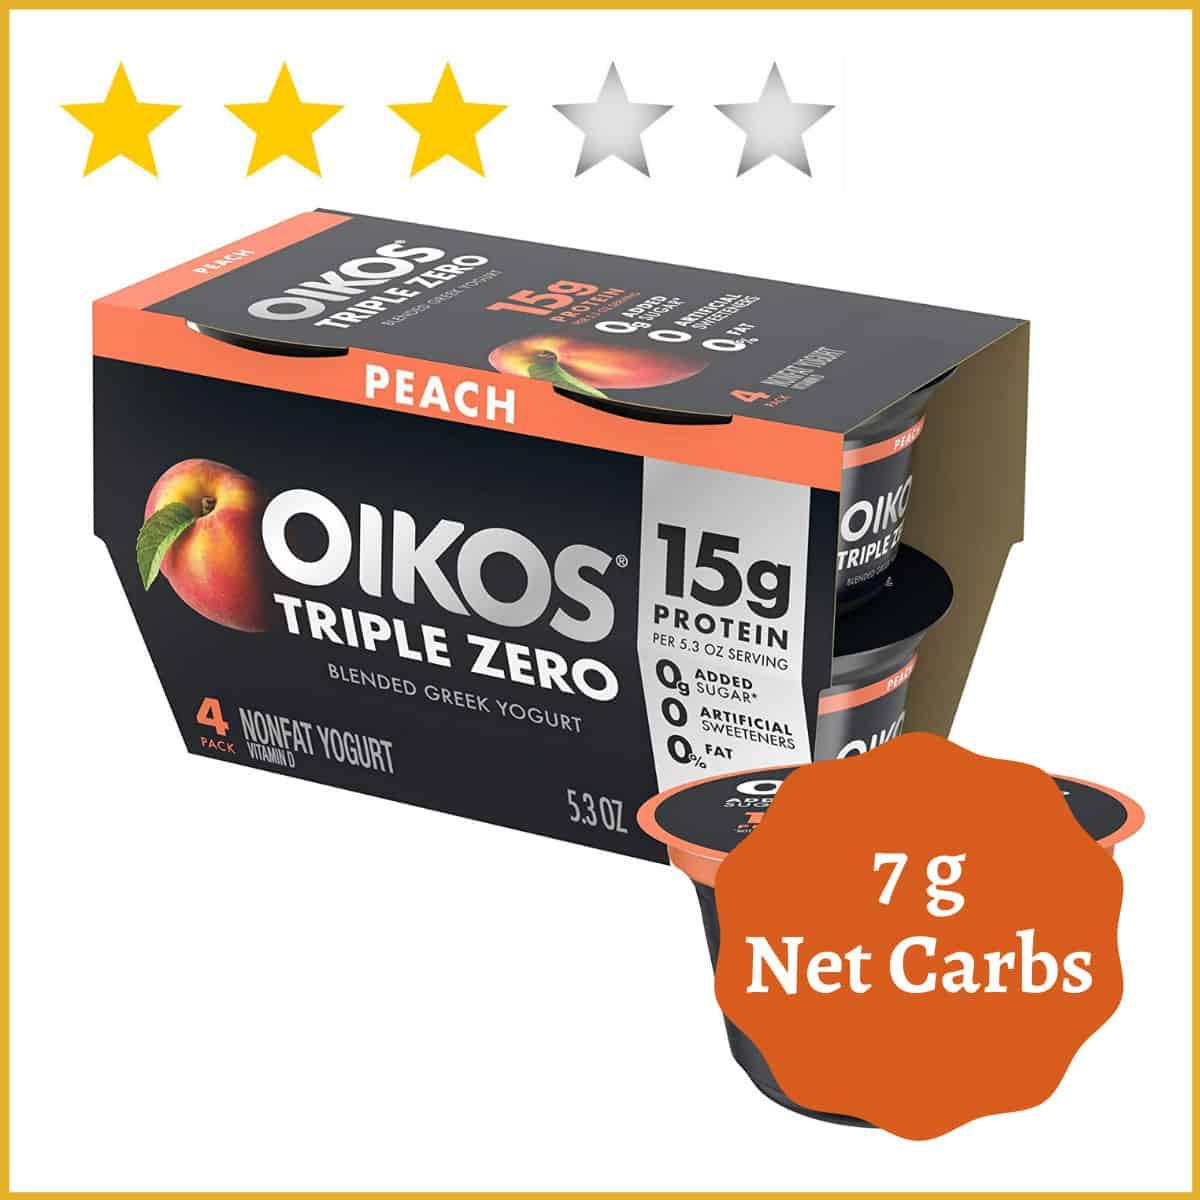 Oikos Triple Zero Greek Nonfat Yogurt